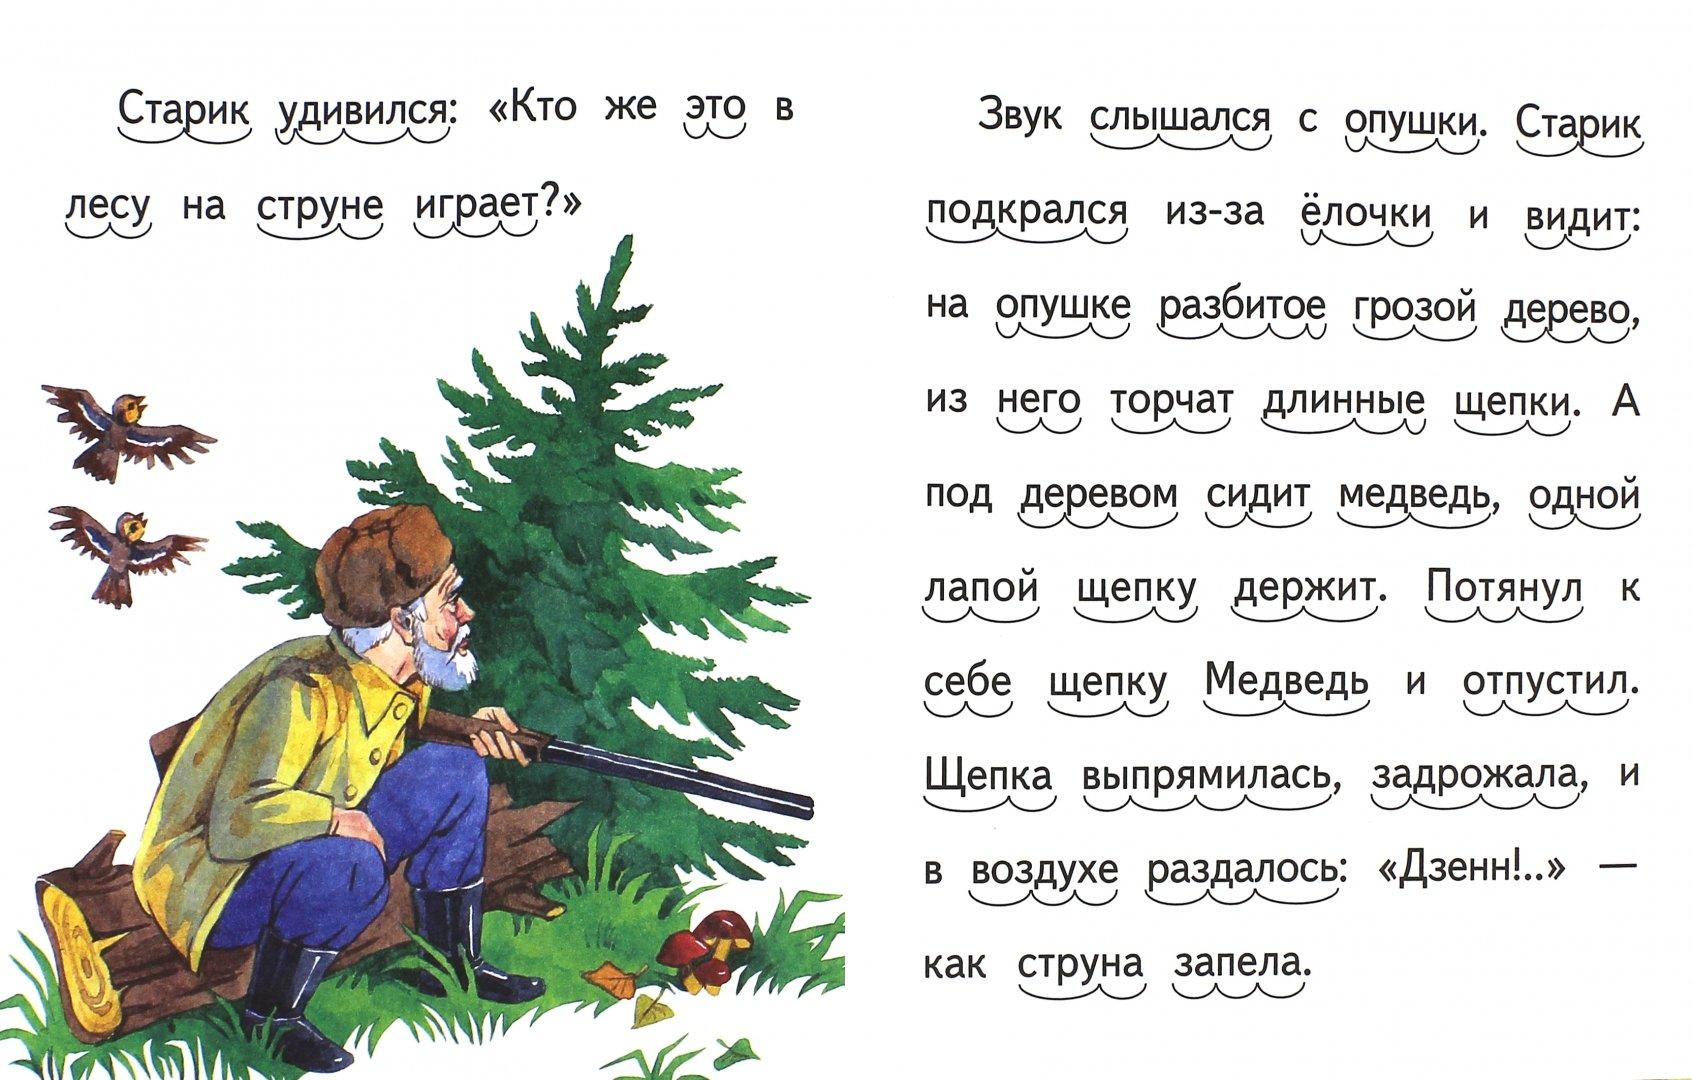 Бианки музыкант картинки для детей